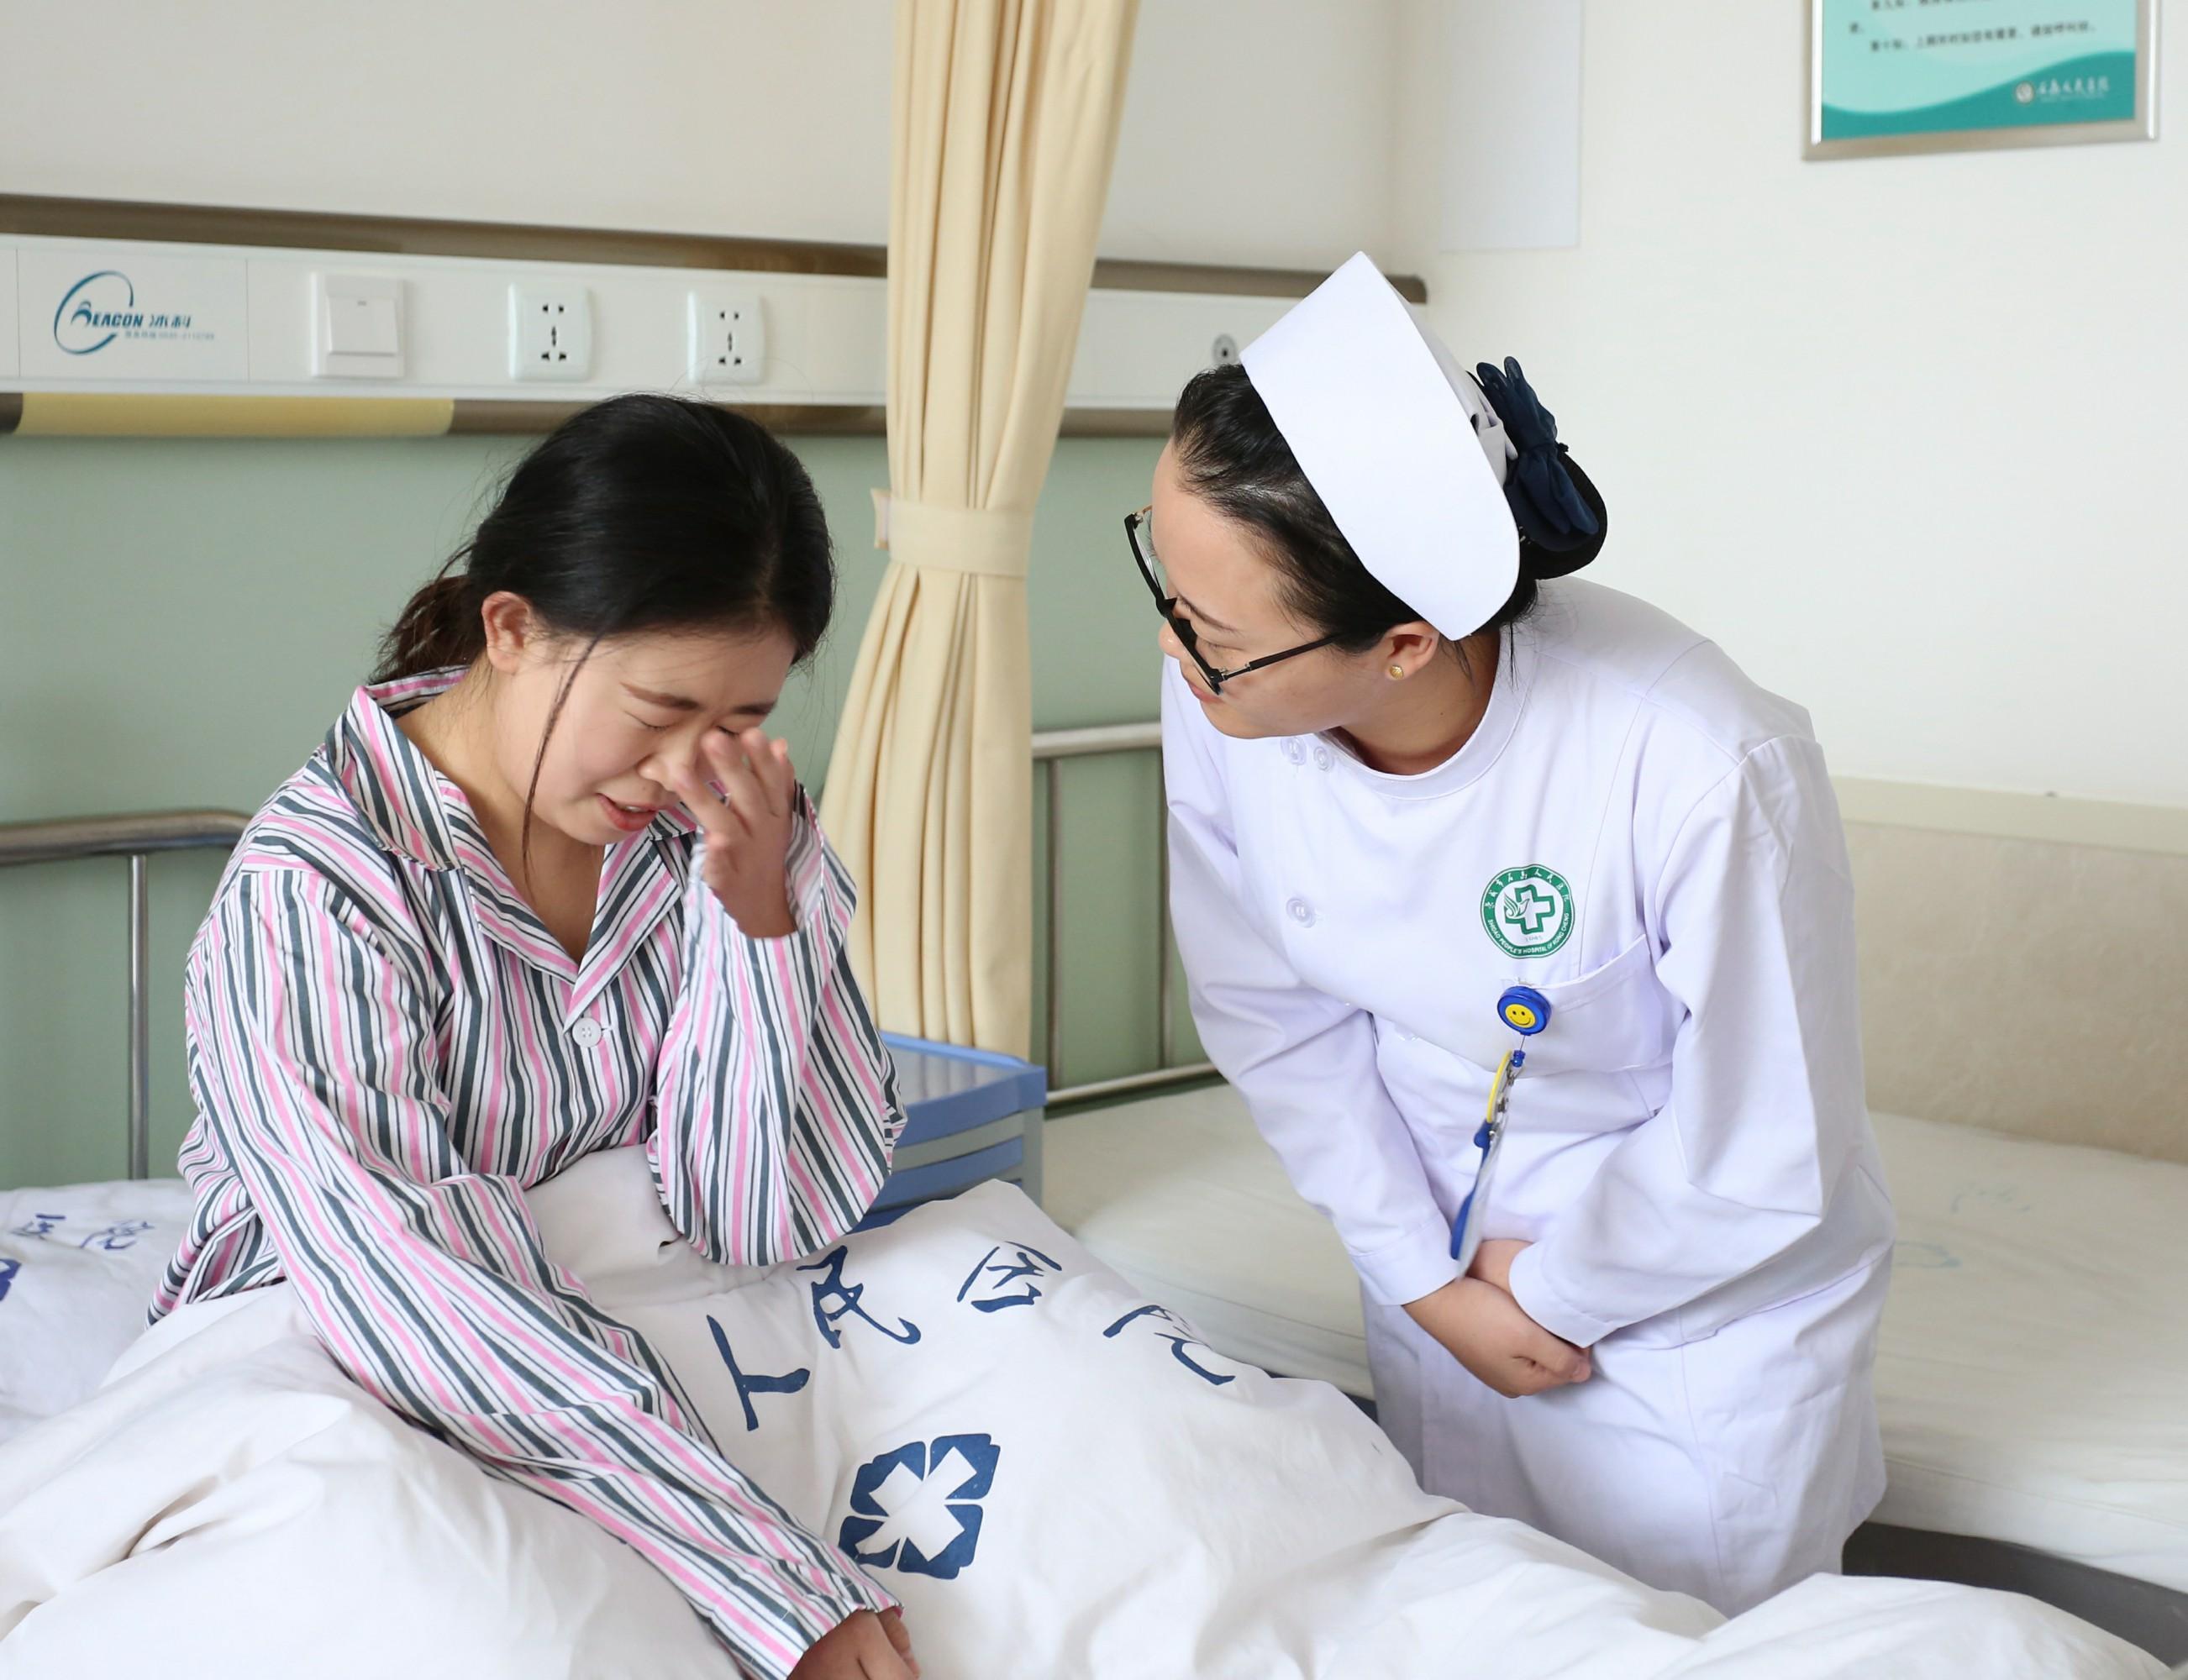 护理部开展住院患者自杀倾向及自杀后应急演练